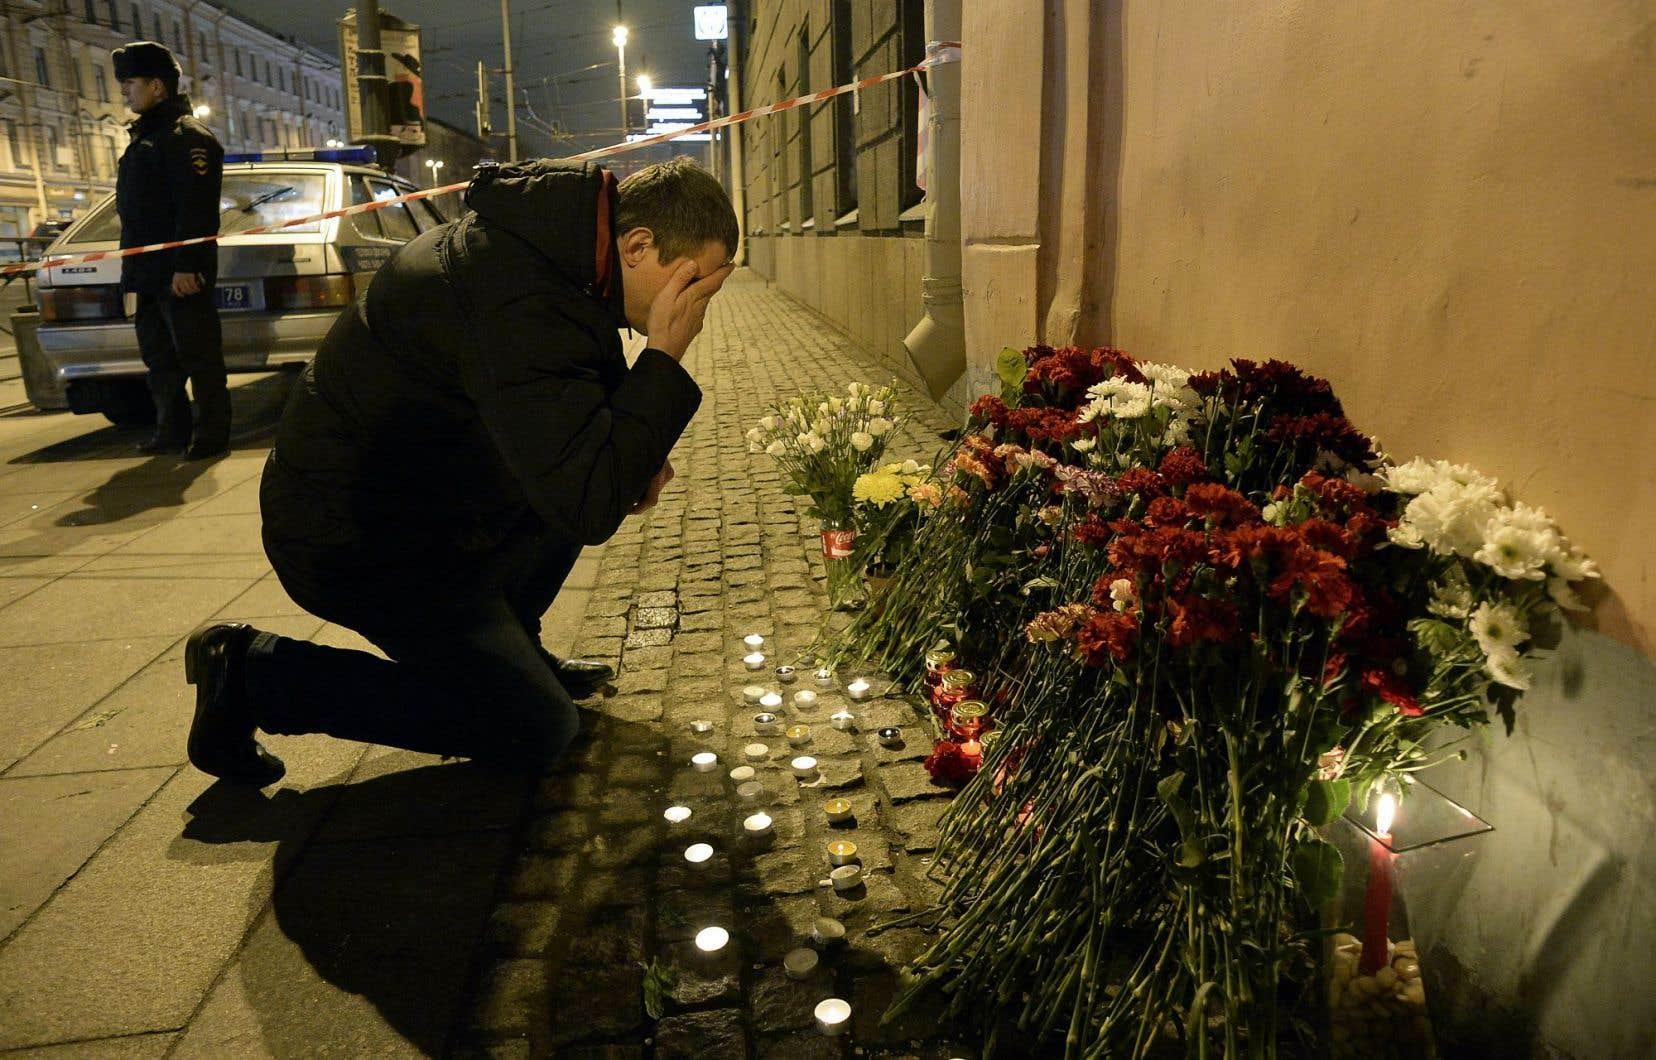 Un homme se recueillait lundi devant la station Tekhnologuitcheski Institout, à proximité de l'endroit où l'explosion est survenue.